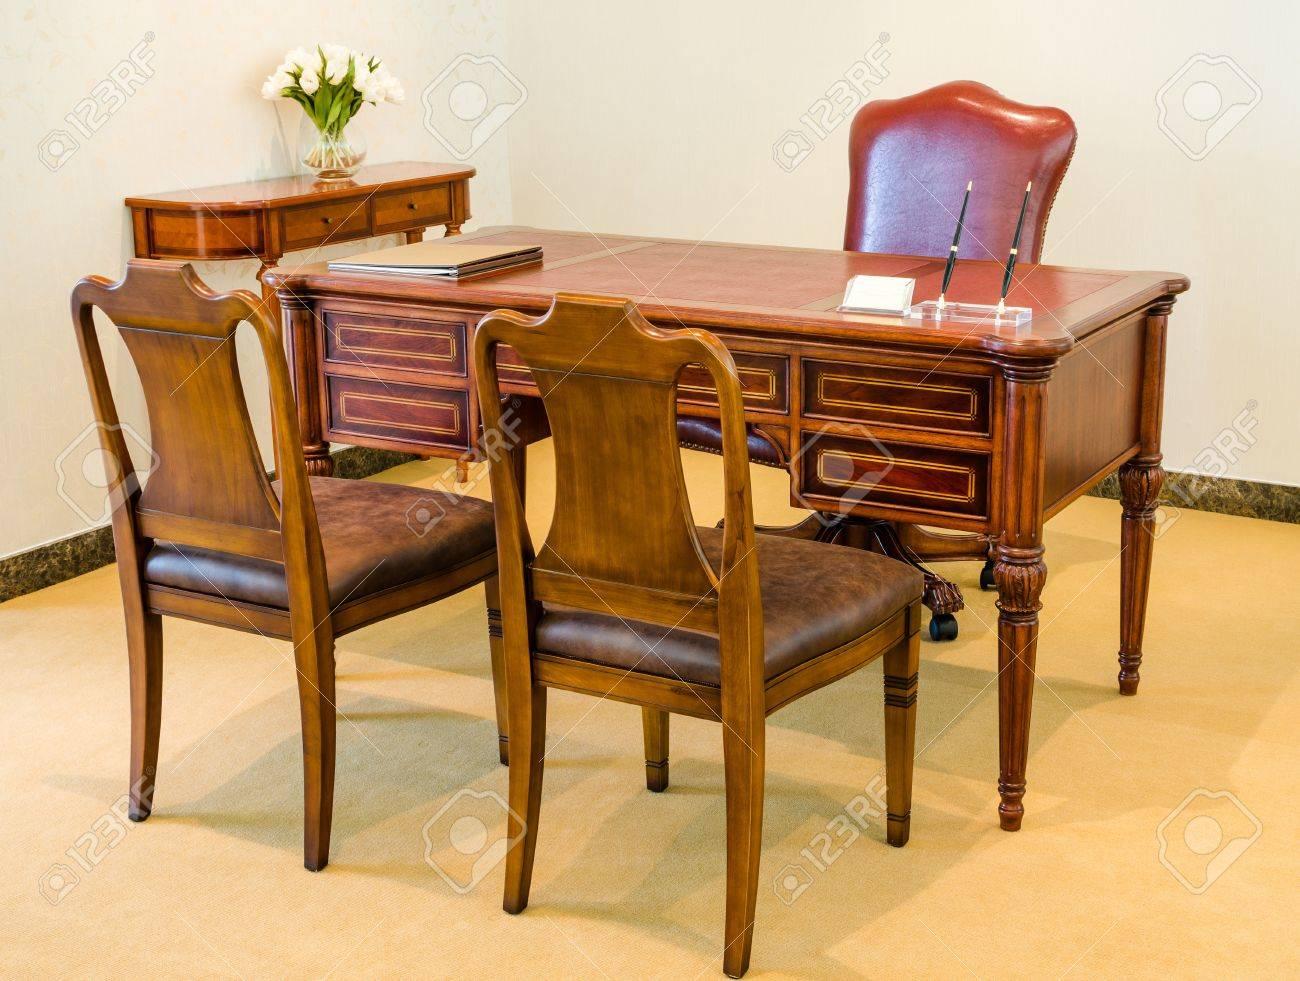 Set Classic Style Vintage Hölzernen Stuhl Und Tisch Im Zimmer